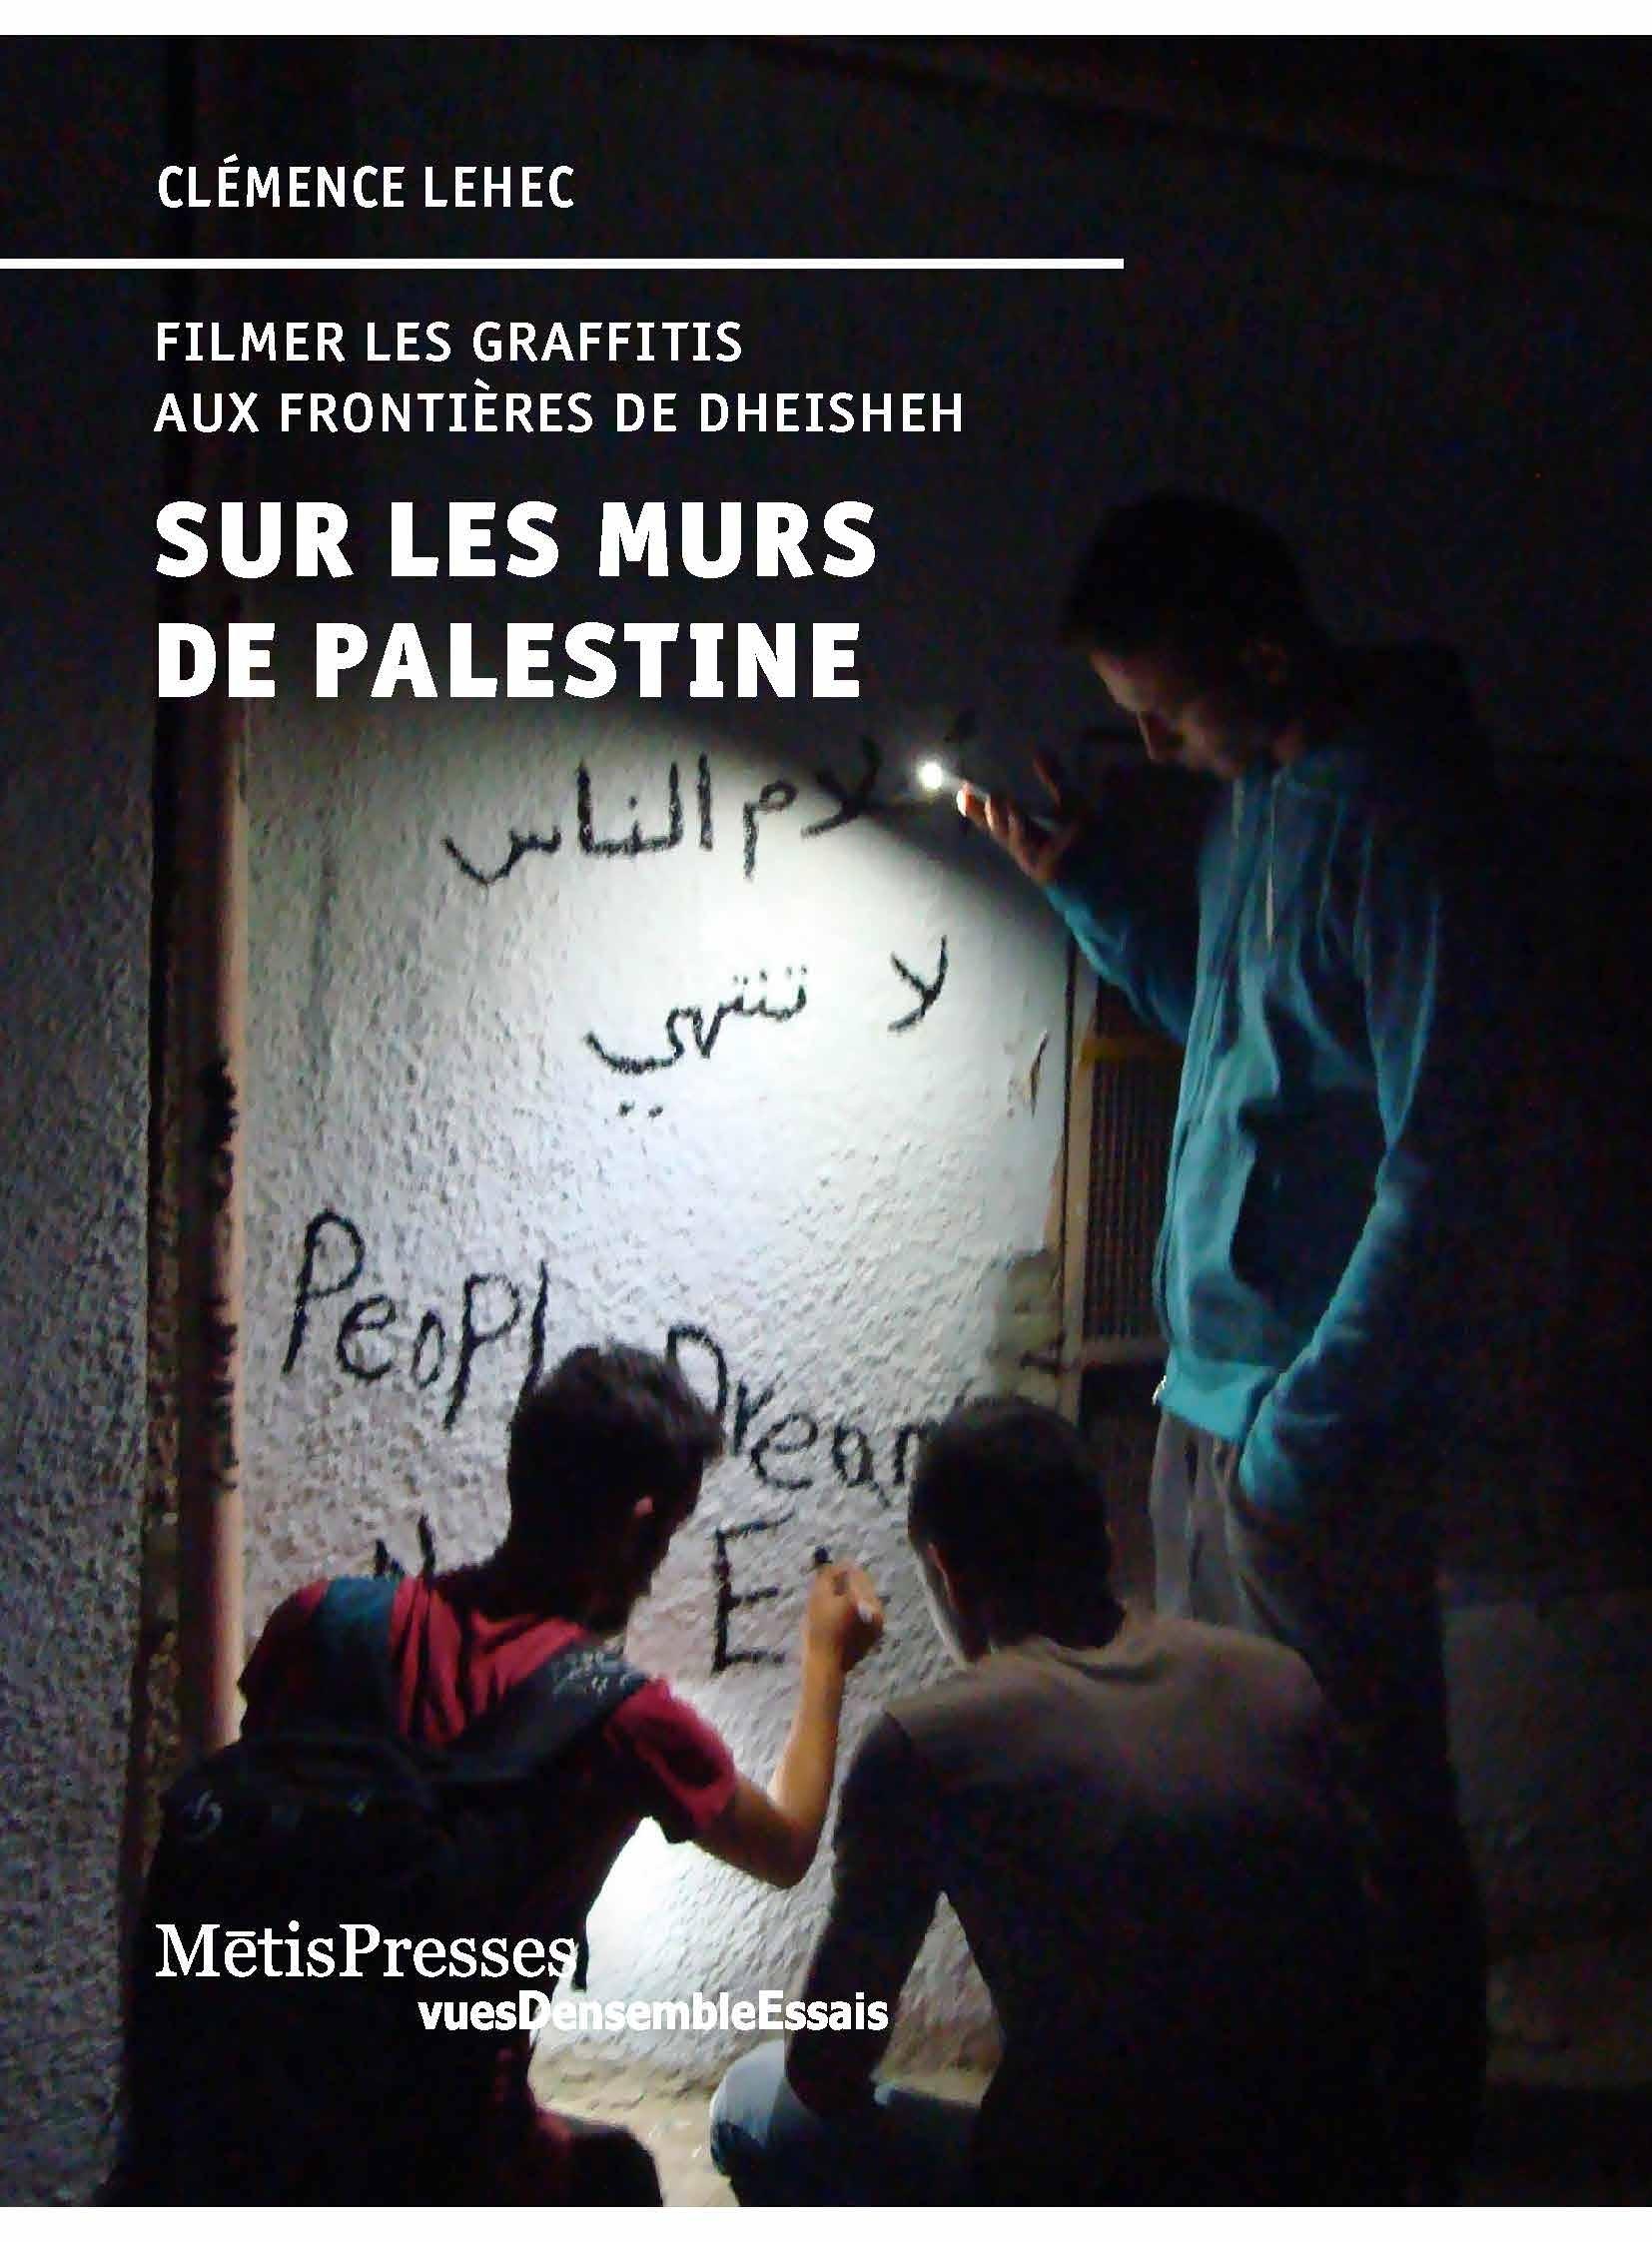 SUR LES MURS DE PALESTINE - FILMER LES GRAFFITIS AUX FRONTIERES DE DHEISHEH - ILLUSTRATIONS, COULEUR